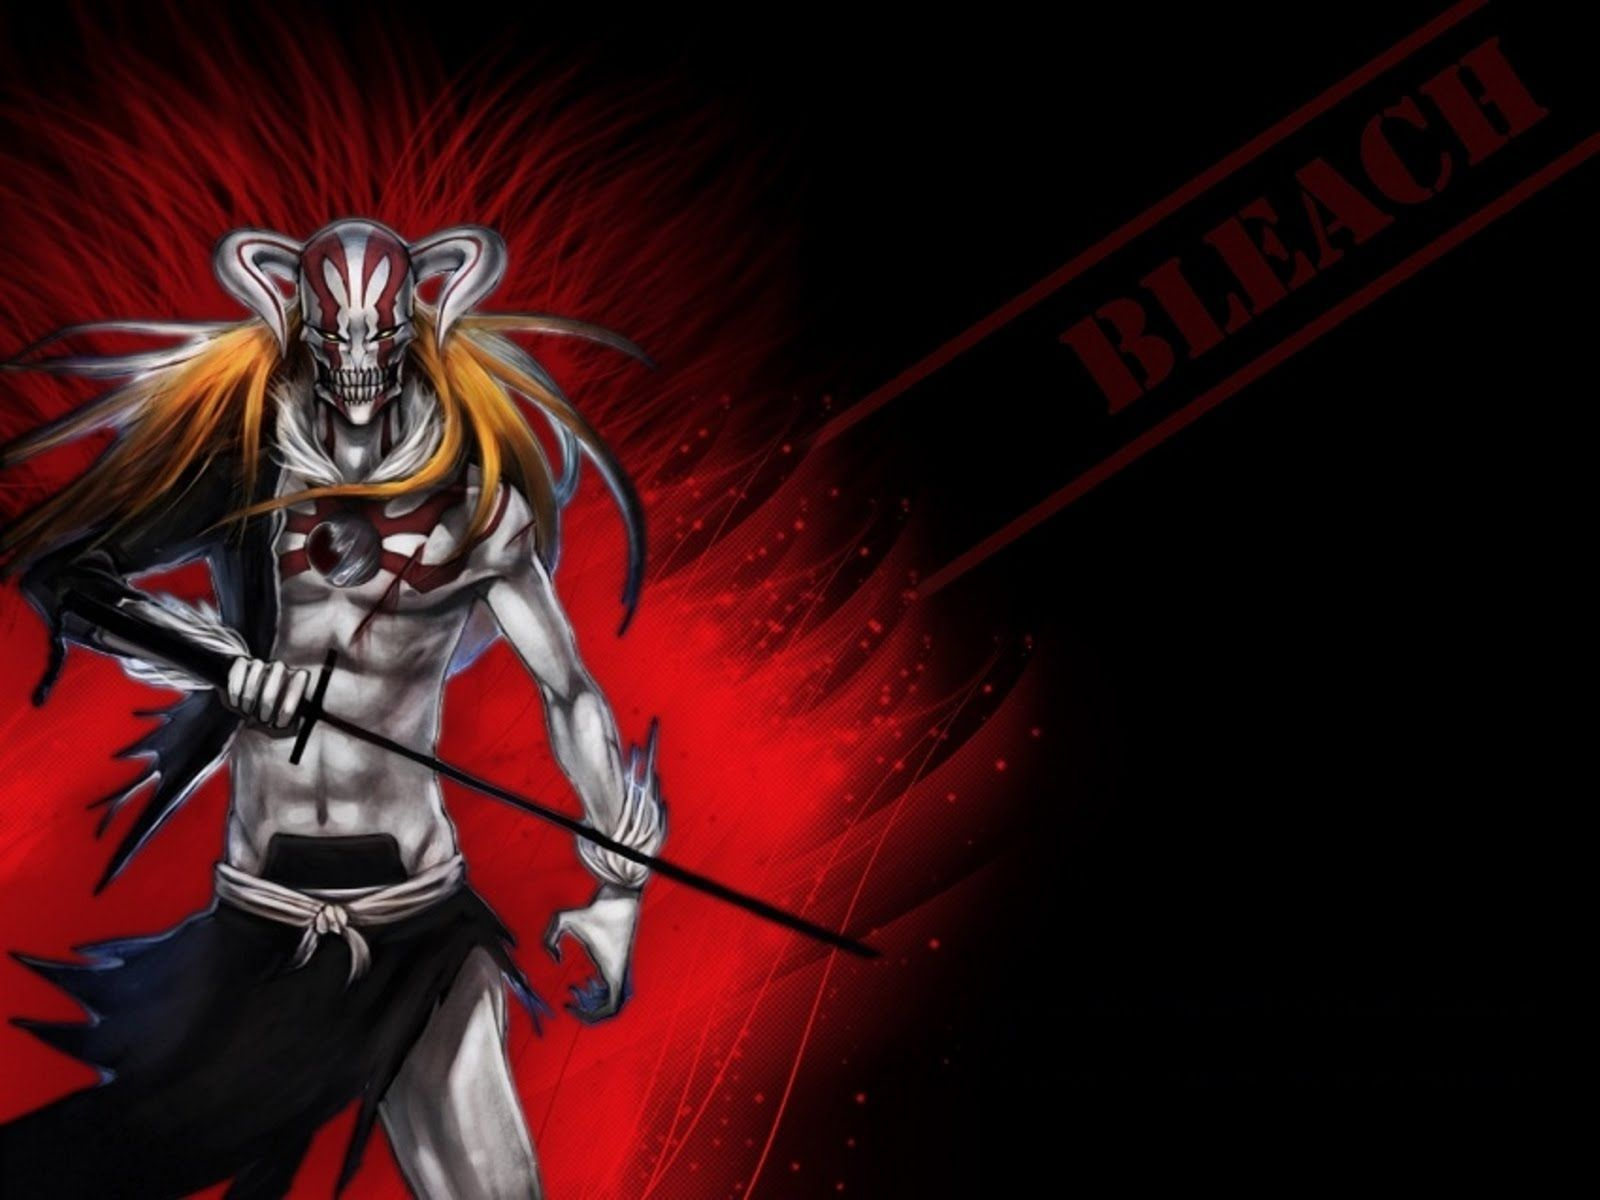 Die Besten Ideen Zu Ichigo Final Form Auf Pinterest Bleiche 1600 1346 Bleach Hollow Mask Wallpapers 47 Wal Bleach Art Bleach Anime Funny Bleach Anime Ichigo